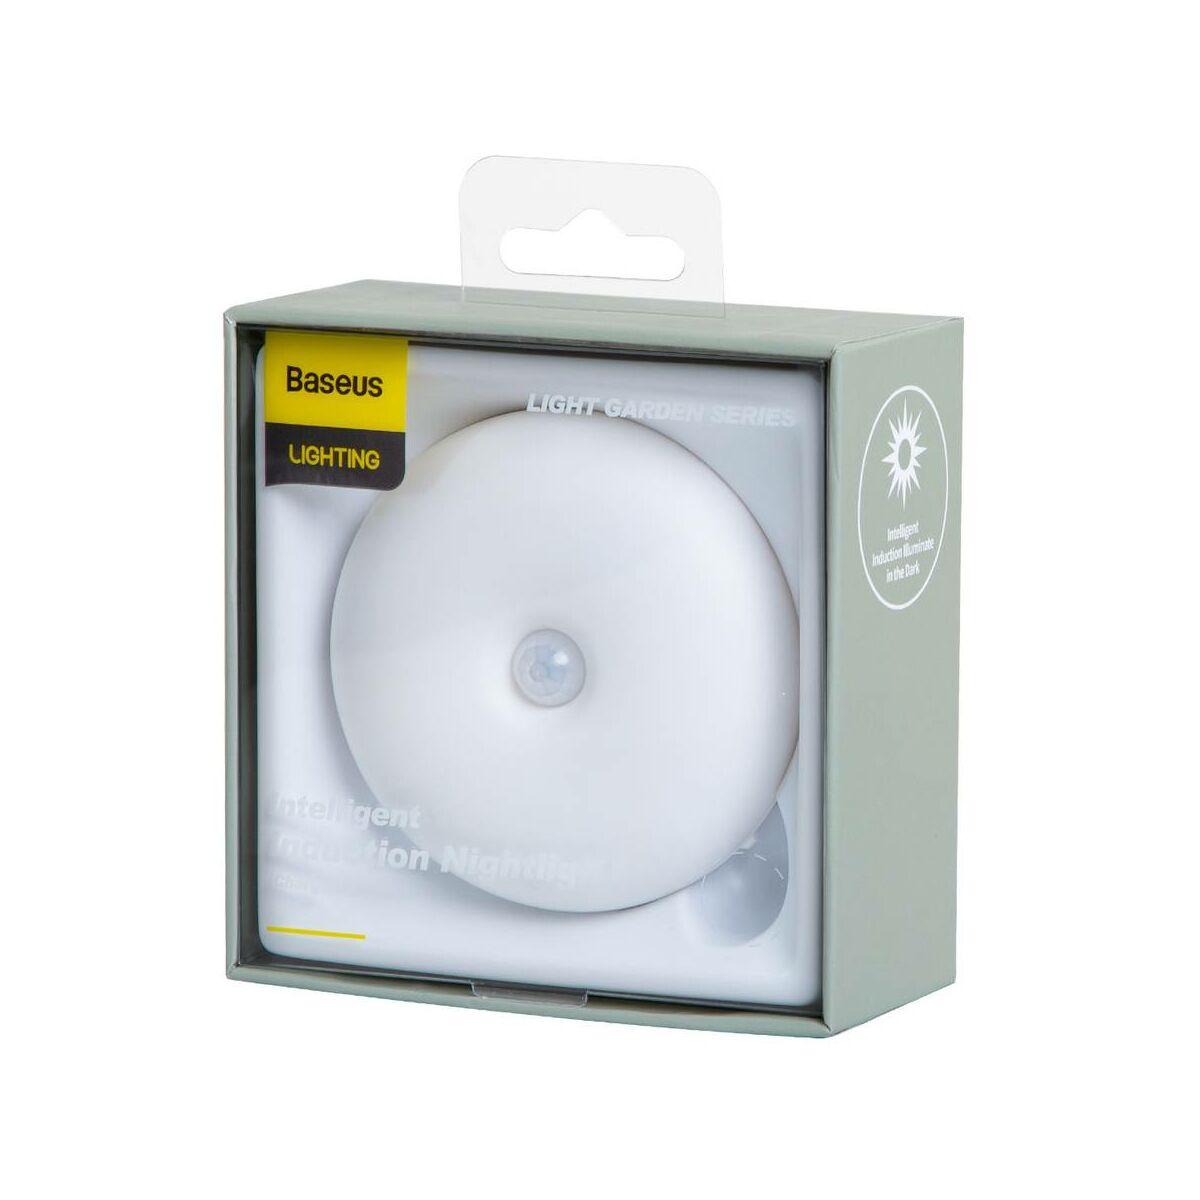 Baseus otthon, Light garden Series Intelligens Indukciós éjszakai fény (tölthető), hideg fehér fény (DGYUA-LA02)